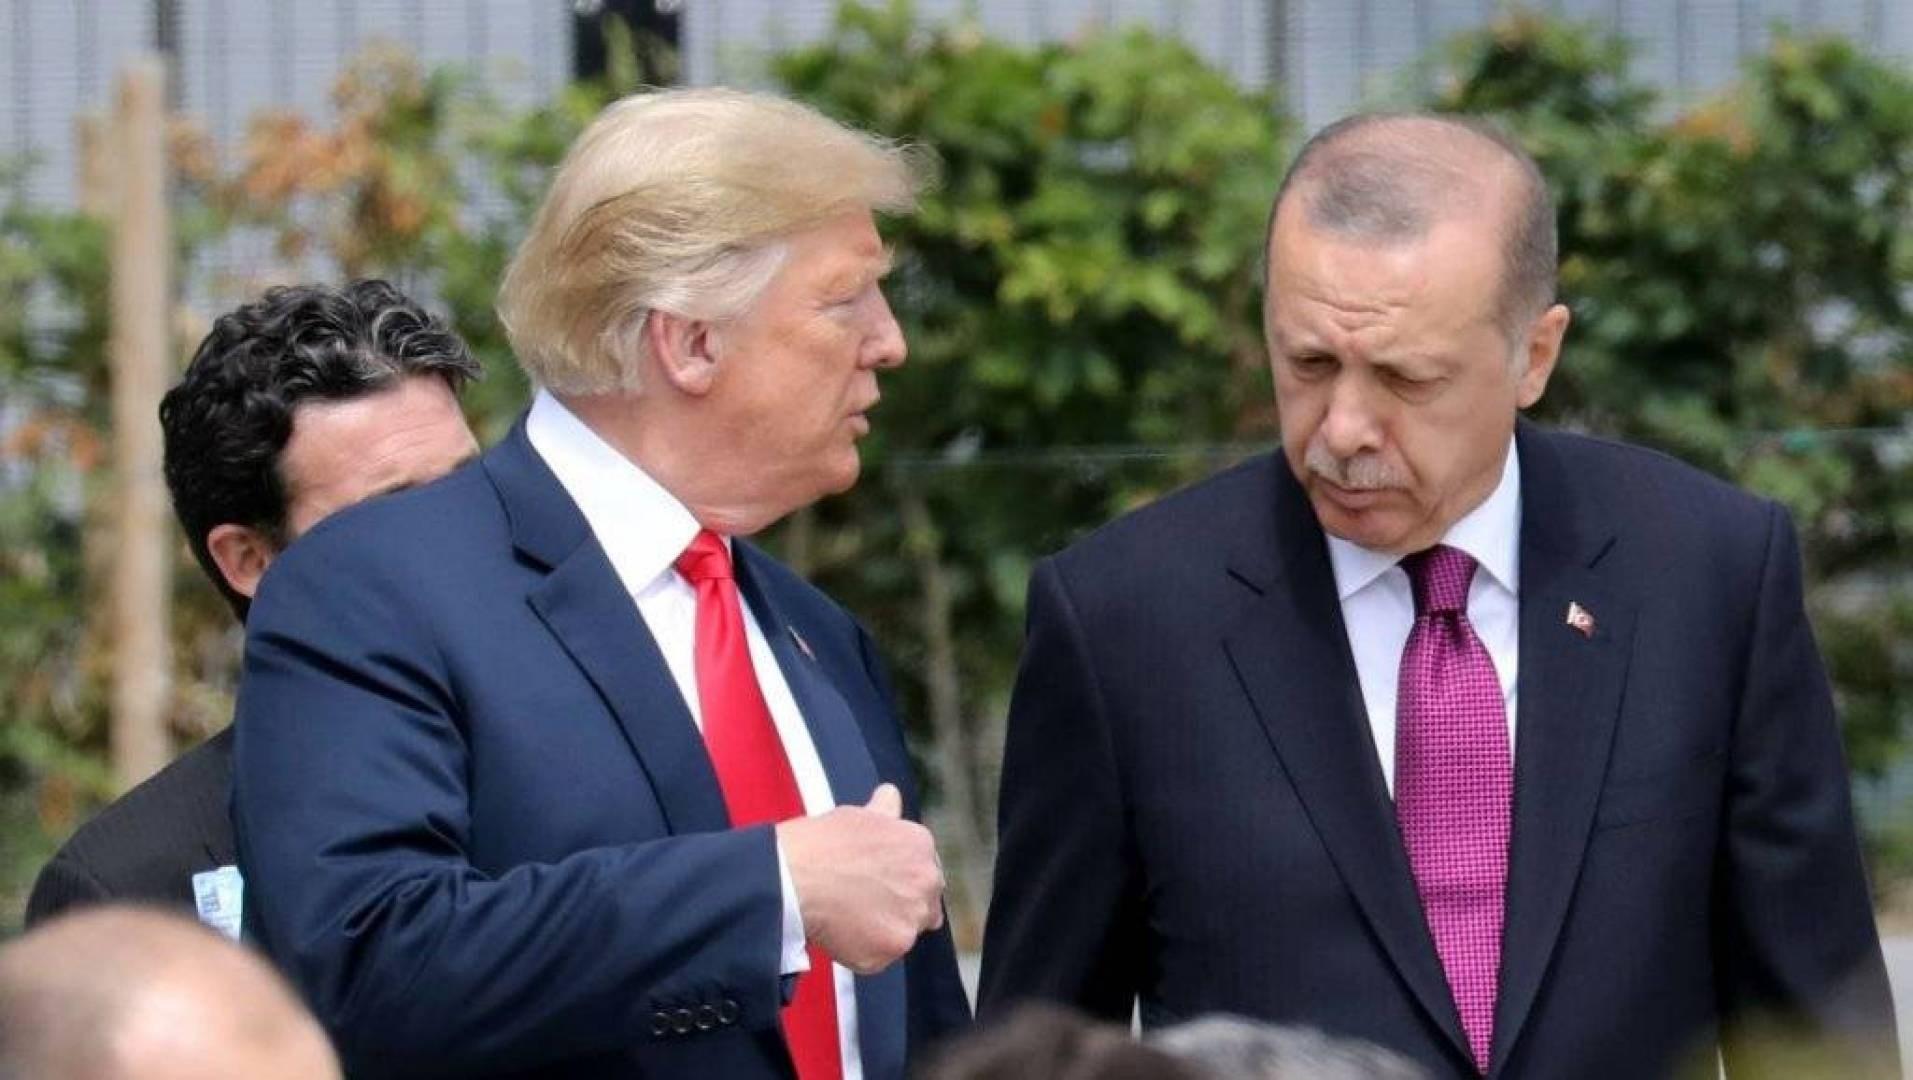 الرئيس الأميركي دونالد ترامب ونظيره التركي رجب طيب إردوغان (أرشيف)